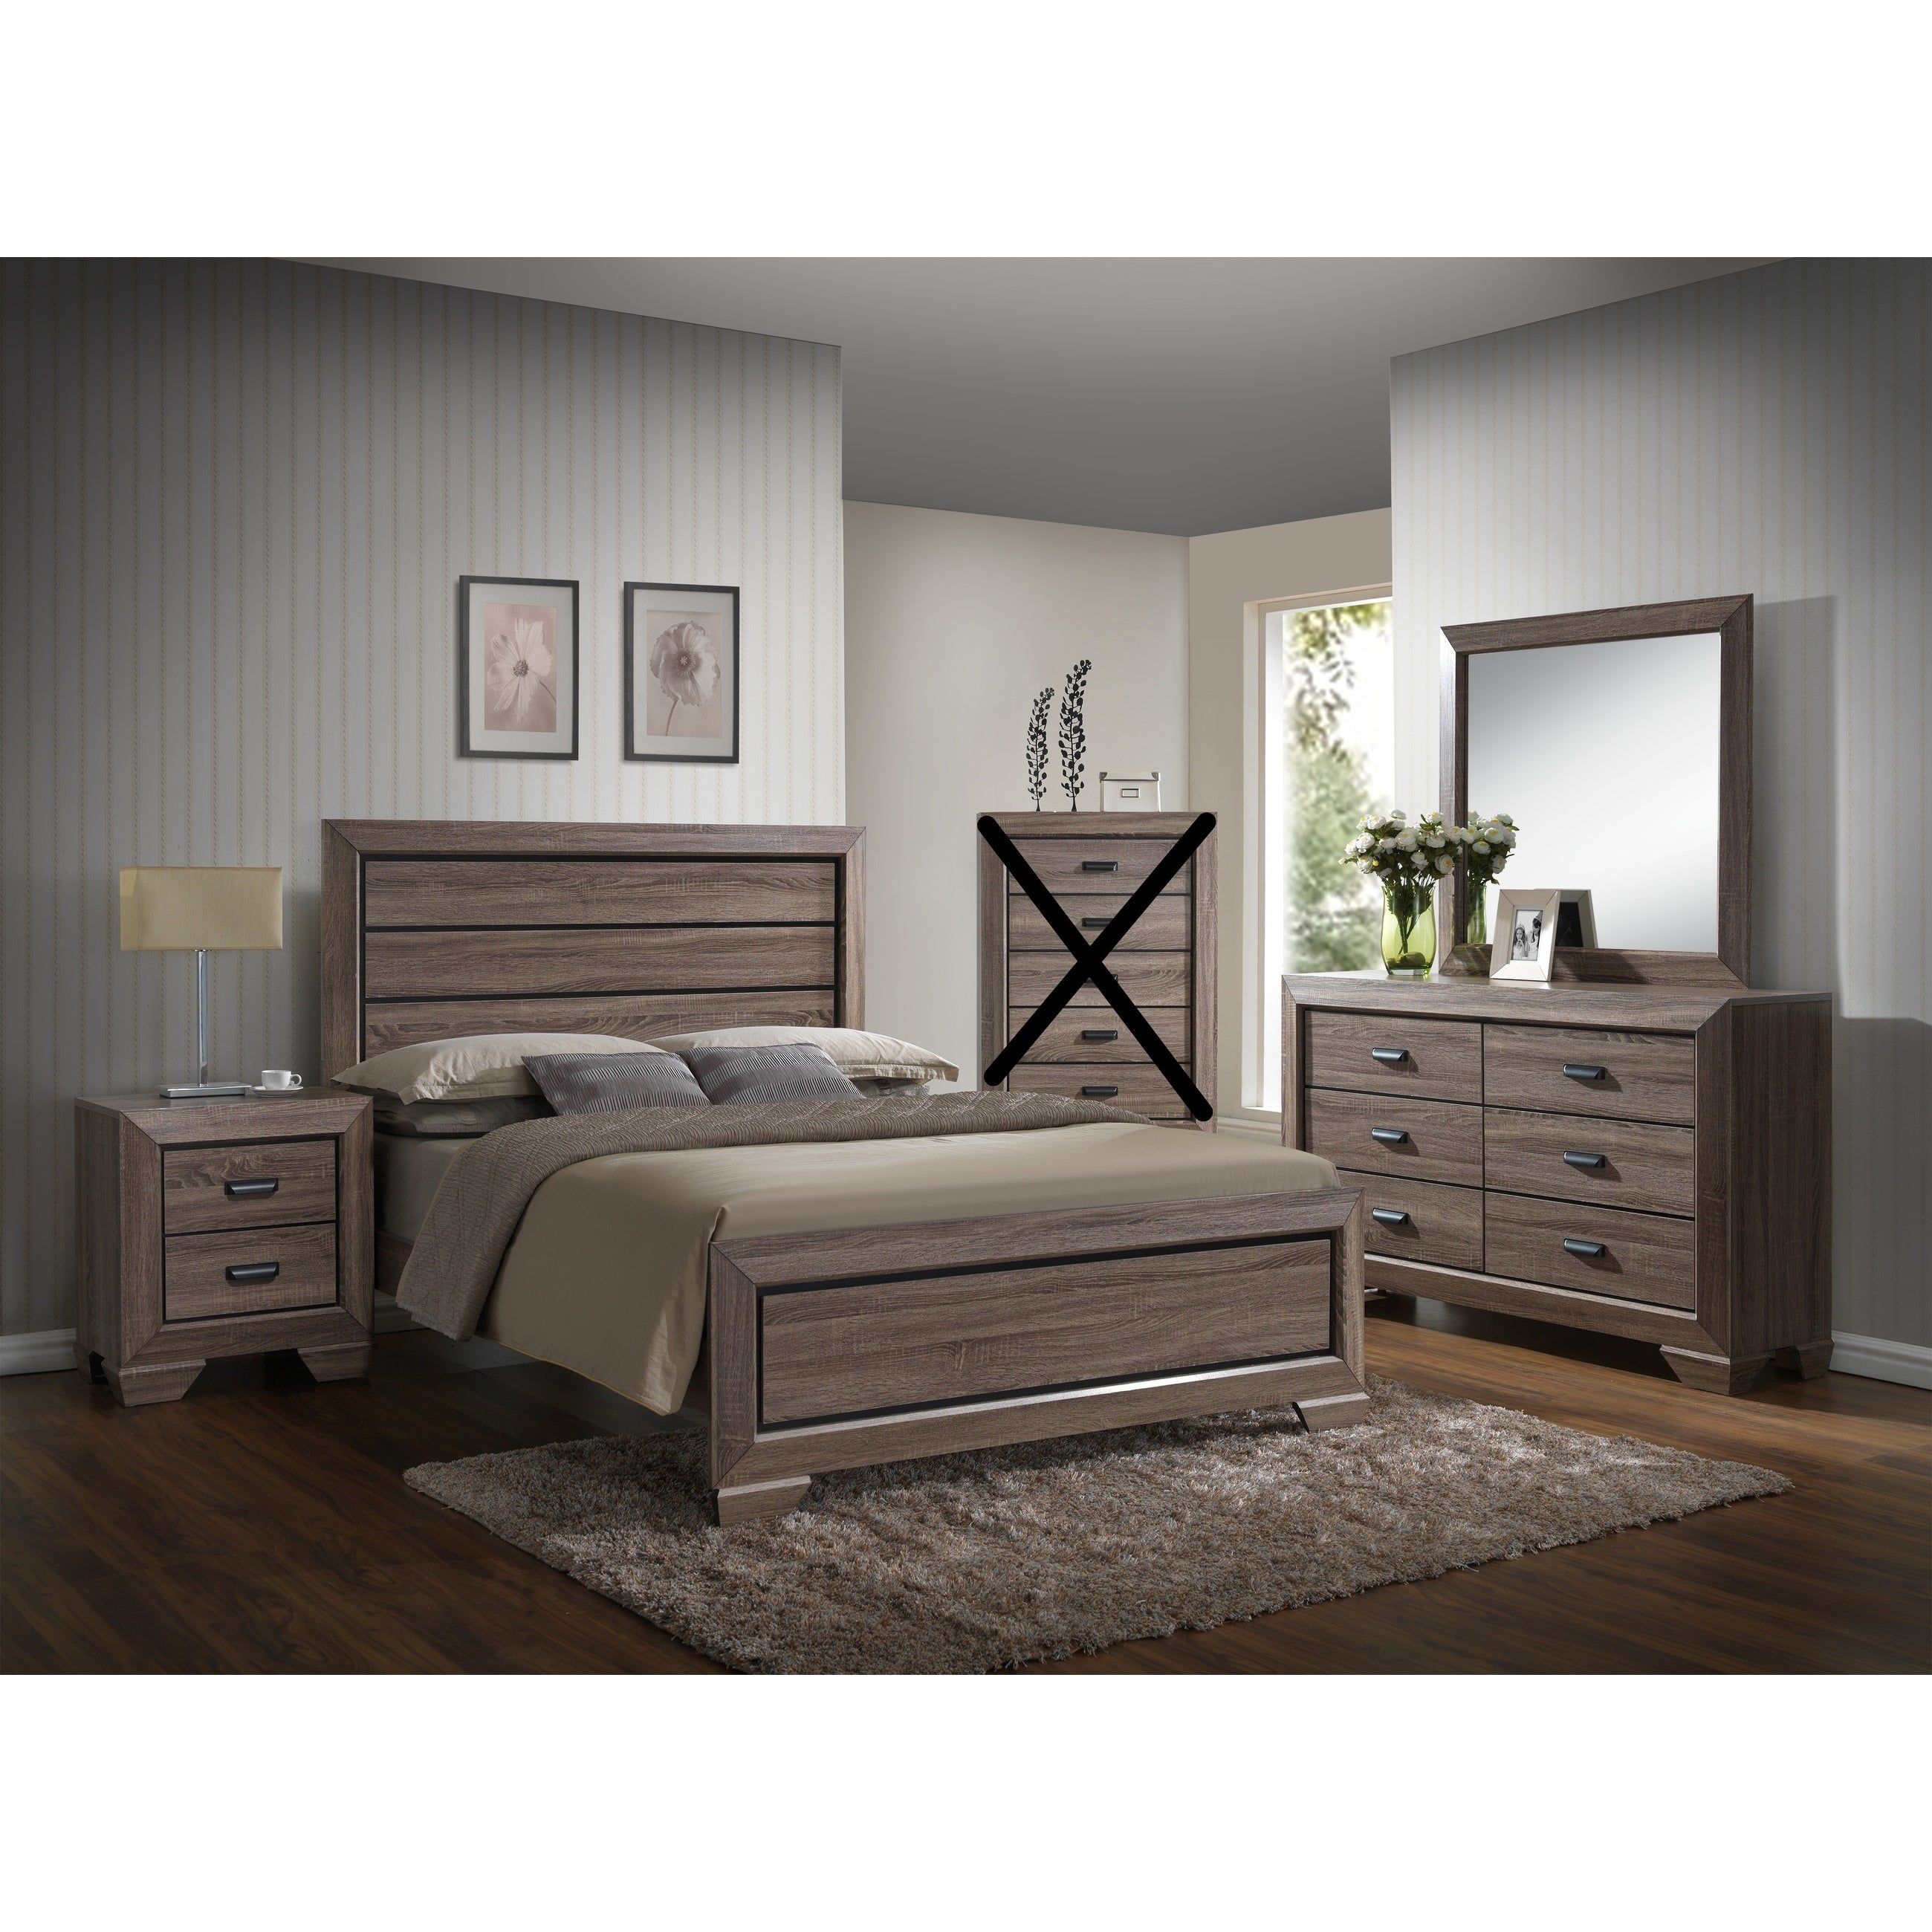 Large Scale Rustic Wooden Grey Queen Bedroom Set